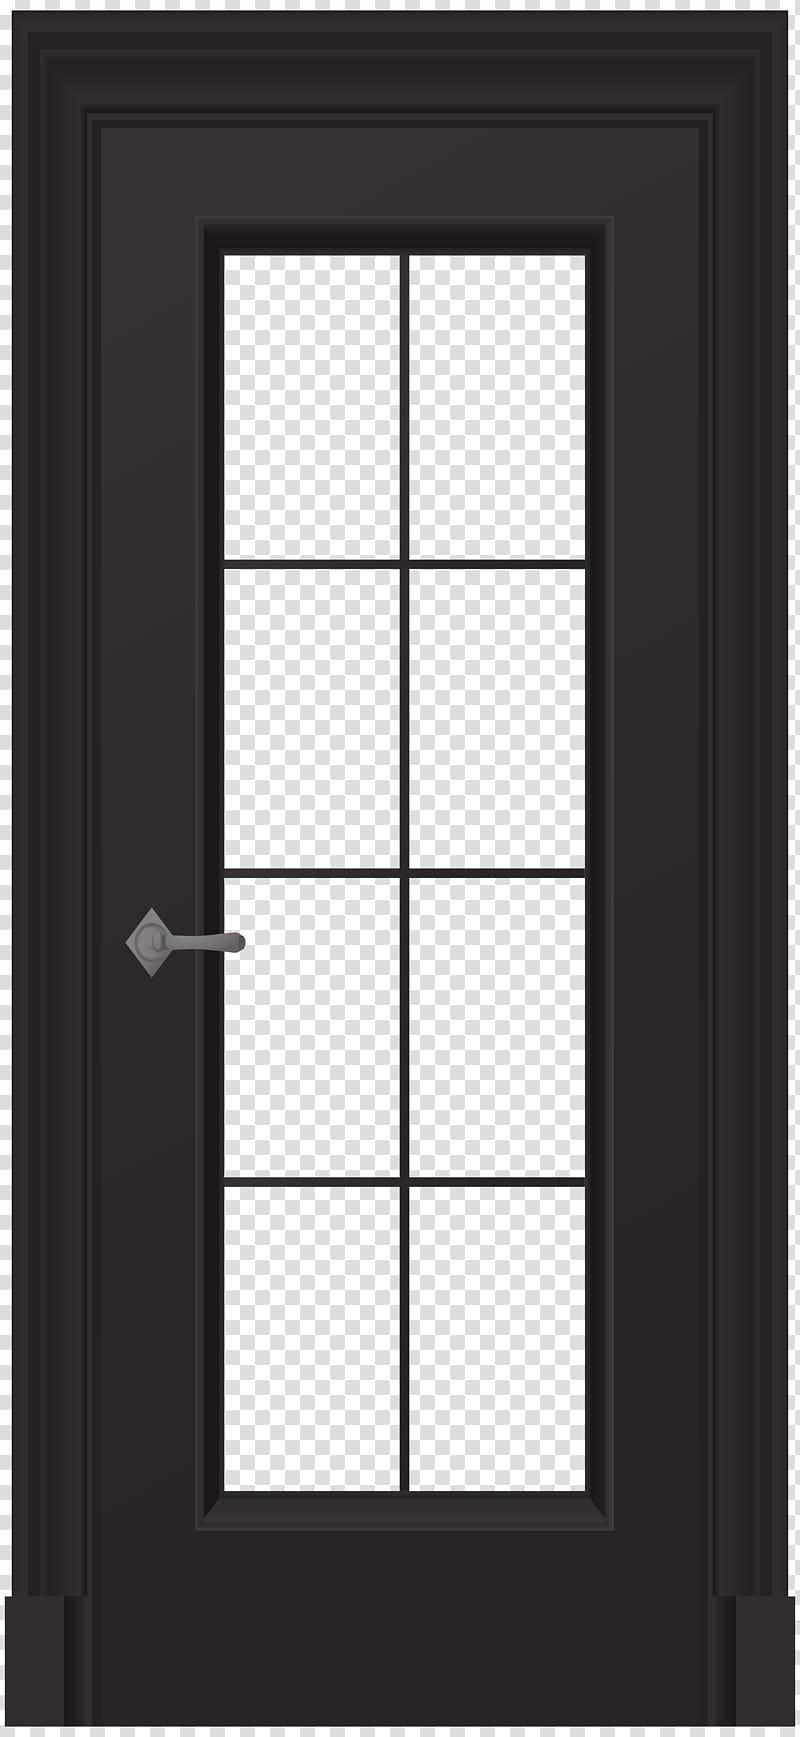 Door Computer Icons , doors and windows transparent.